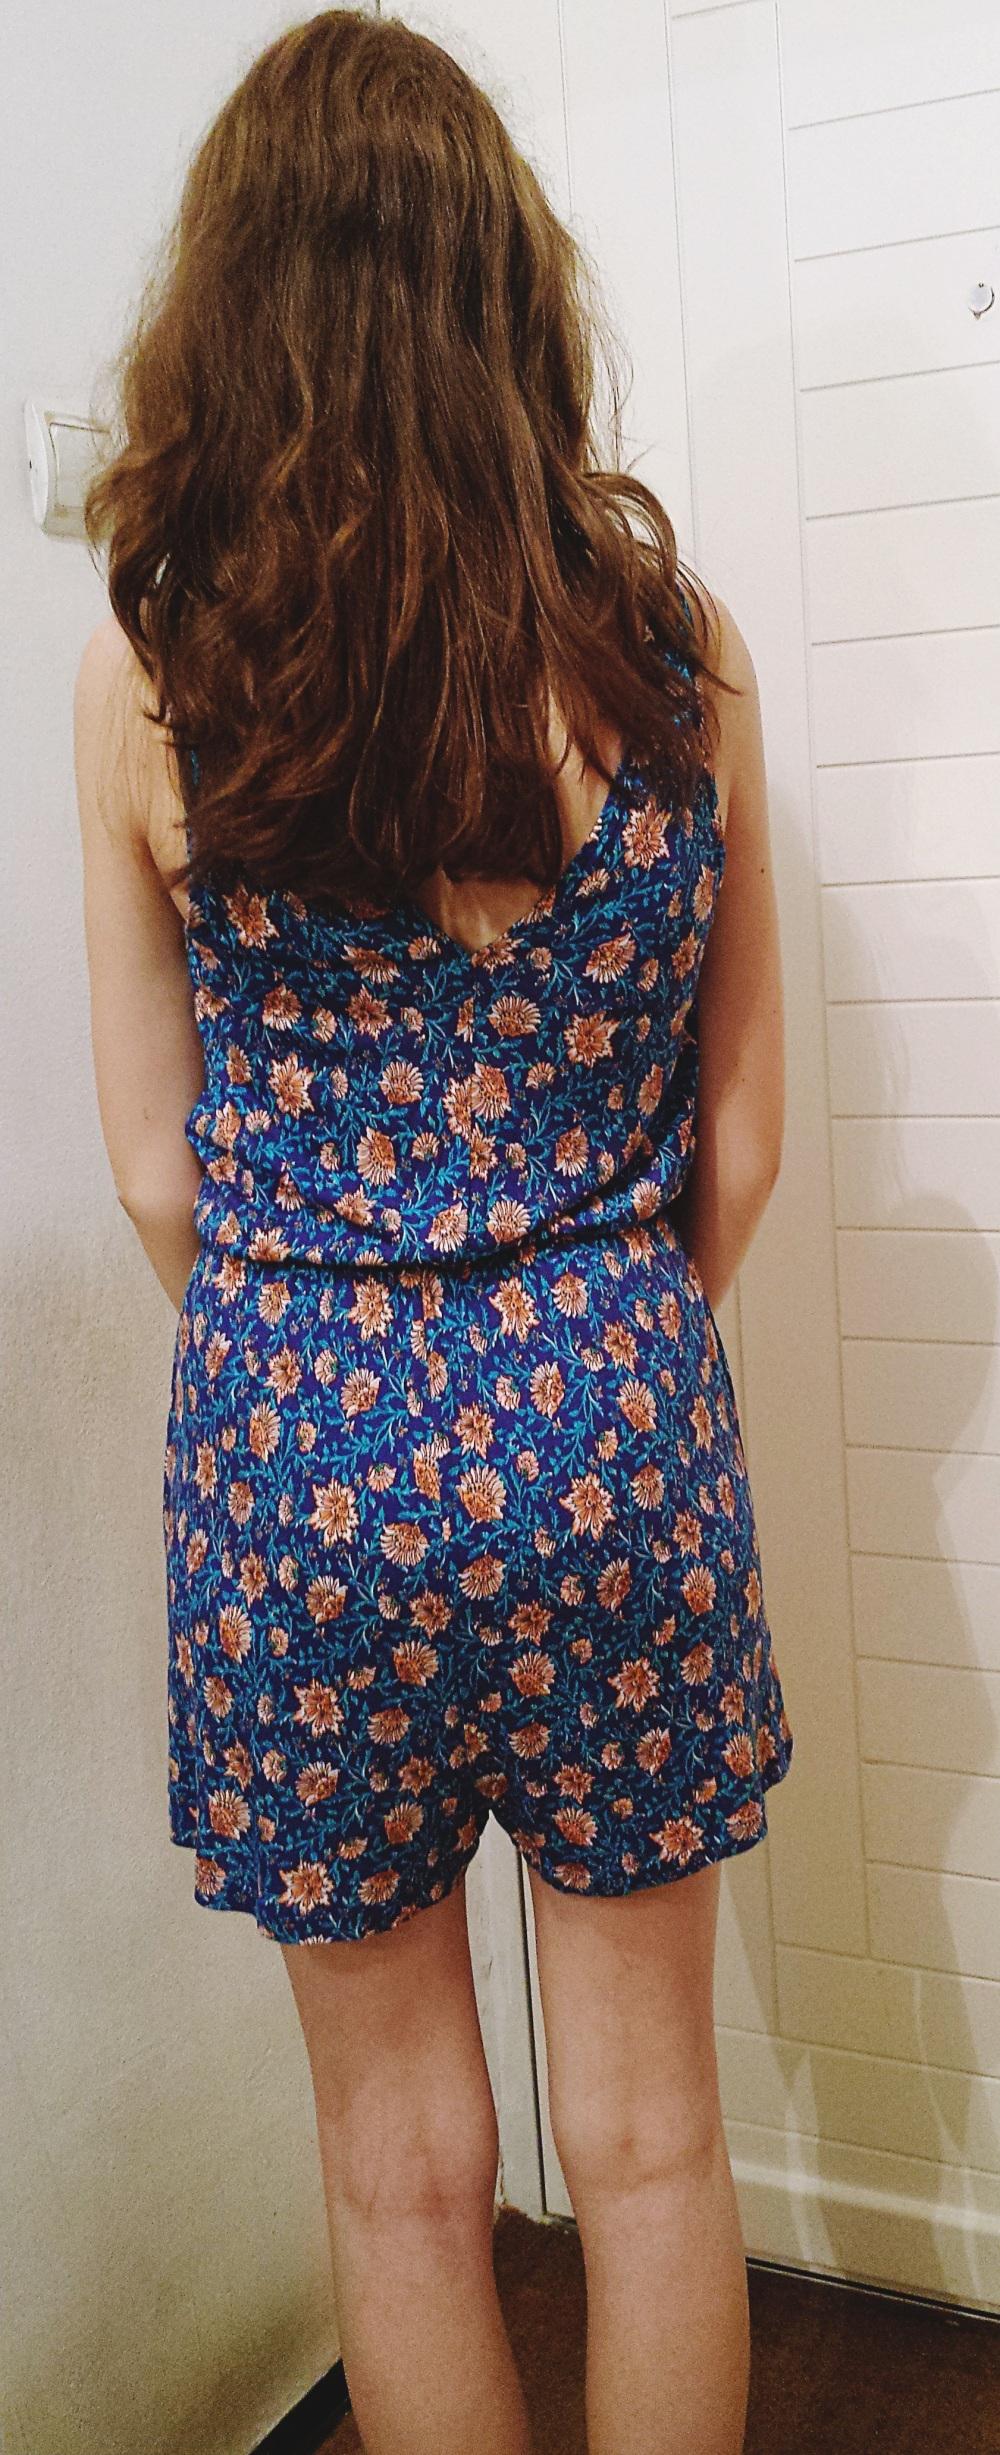 Summer Clothes - H&M Romper, Blue Floral - Worn - Back